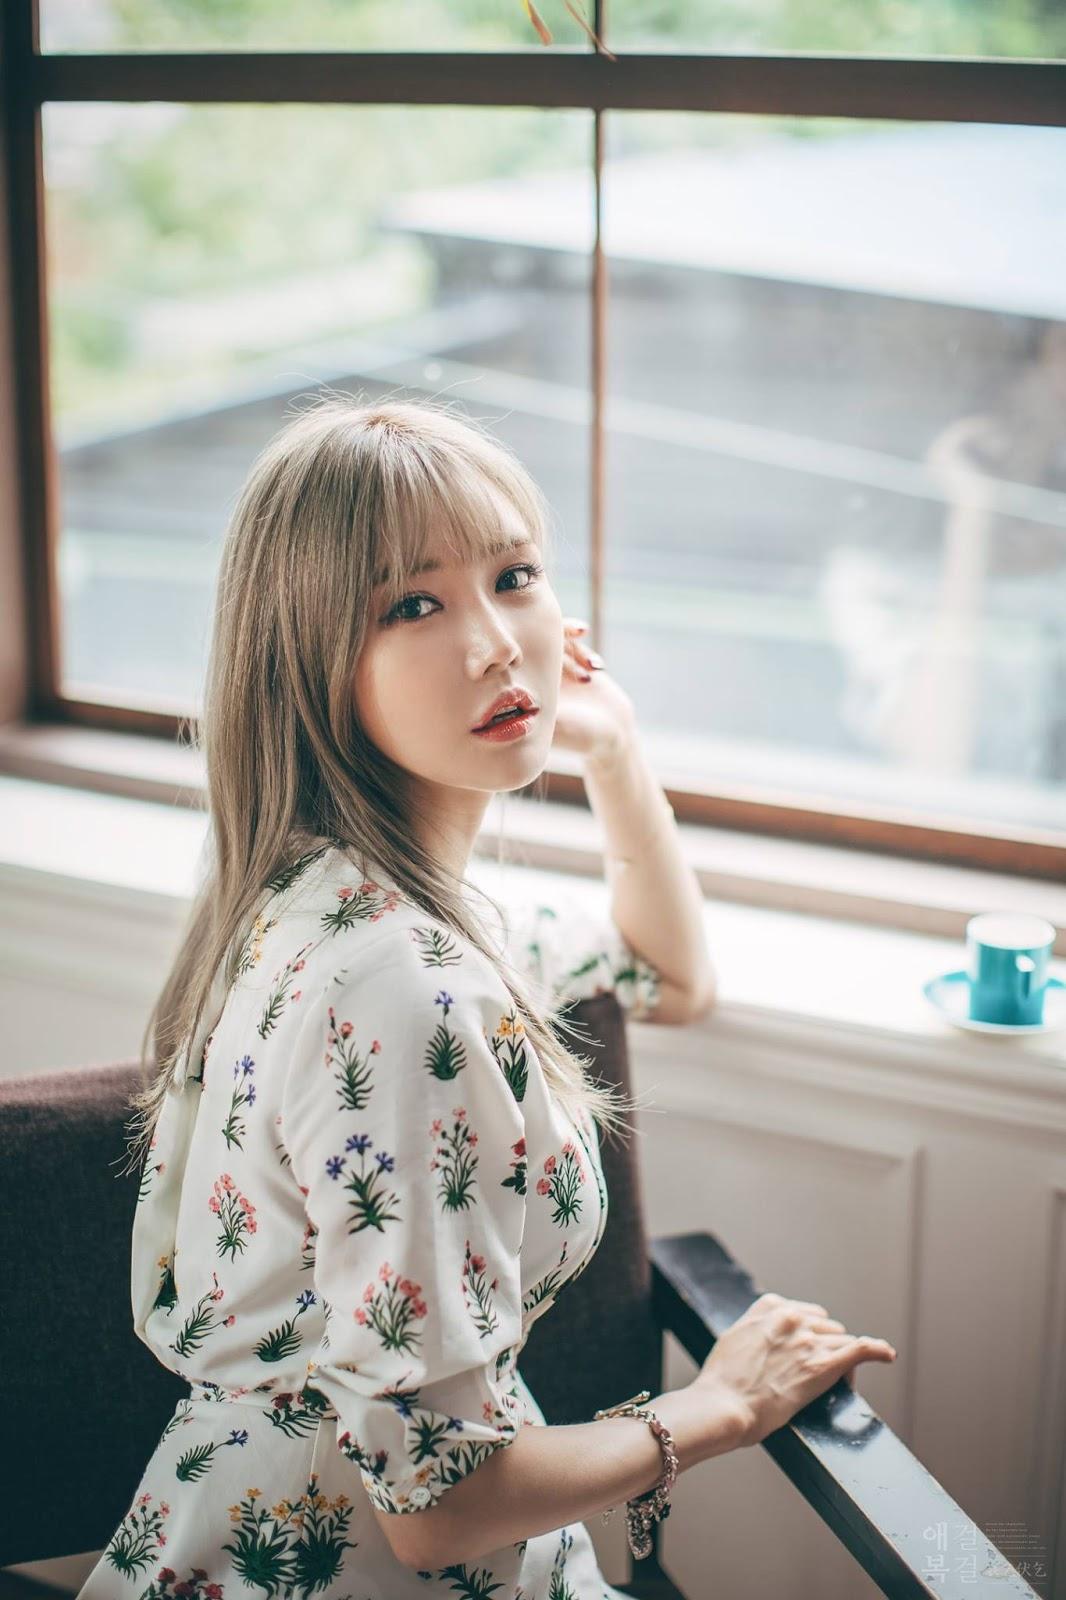 Korean Model Han Ga Eun - Lovely Pictures